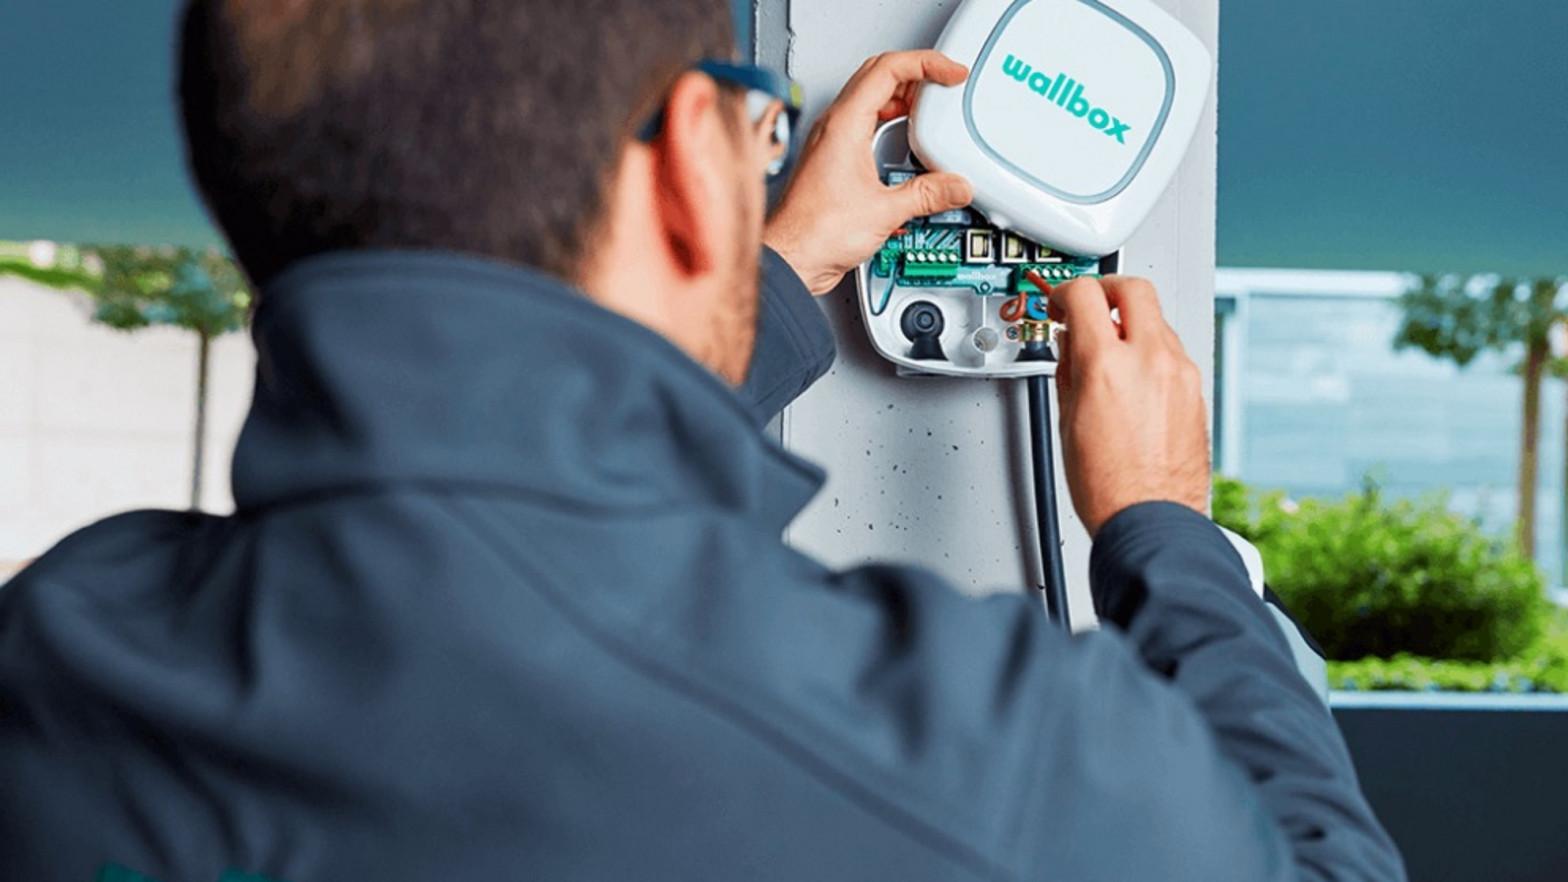 Wallbox invertirá nueve millones en una nueva fábrica de cargadores en Barcelona